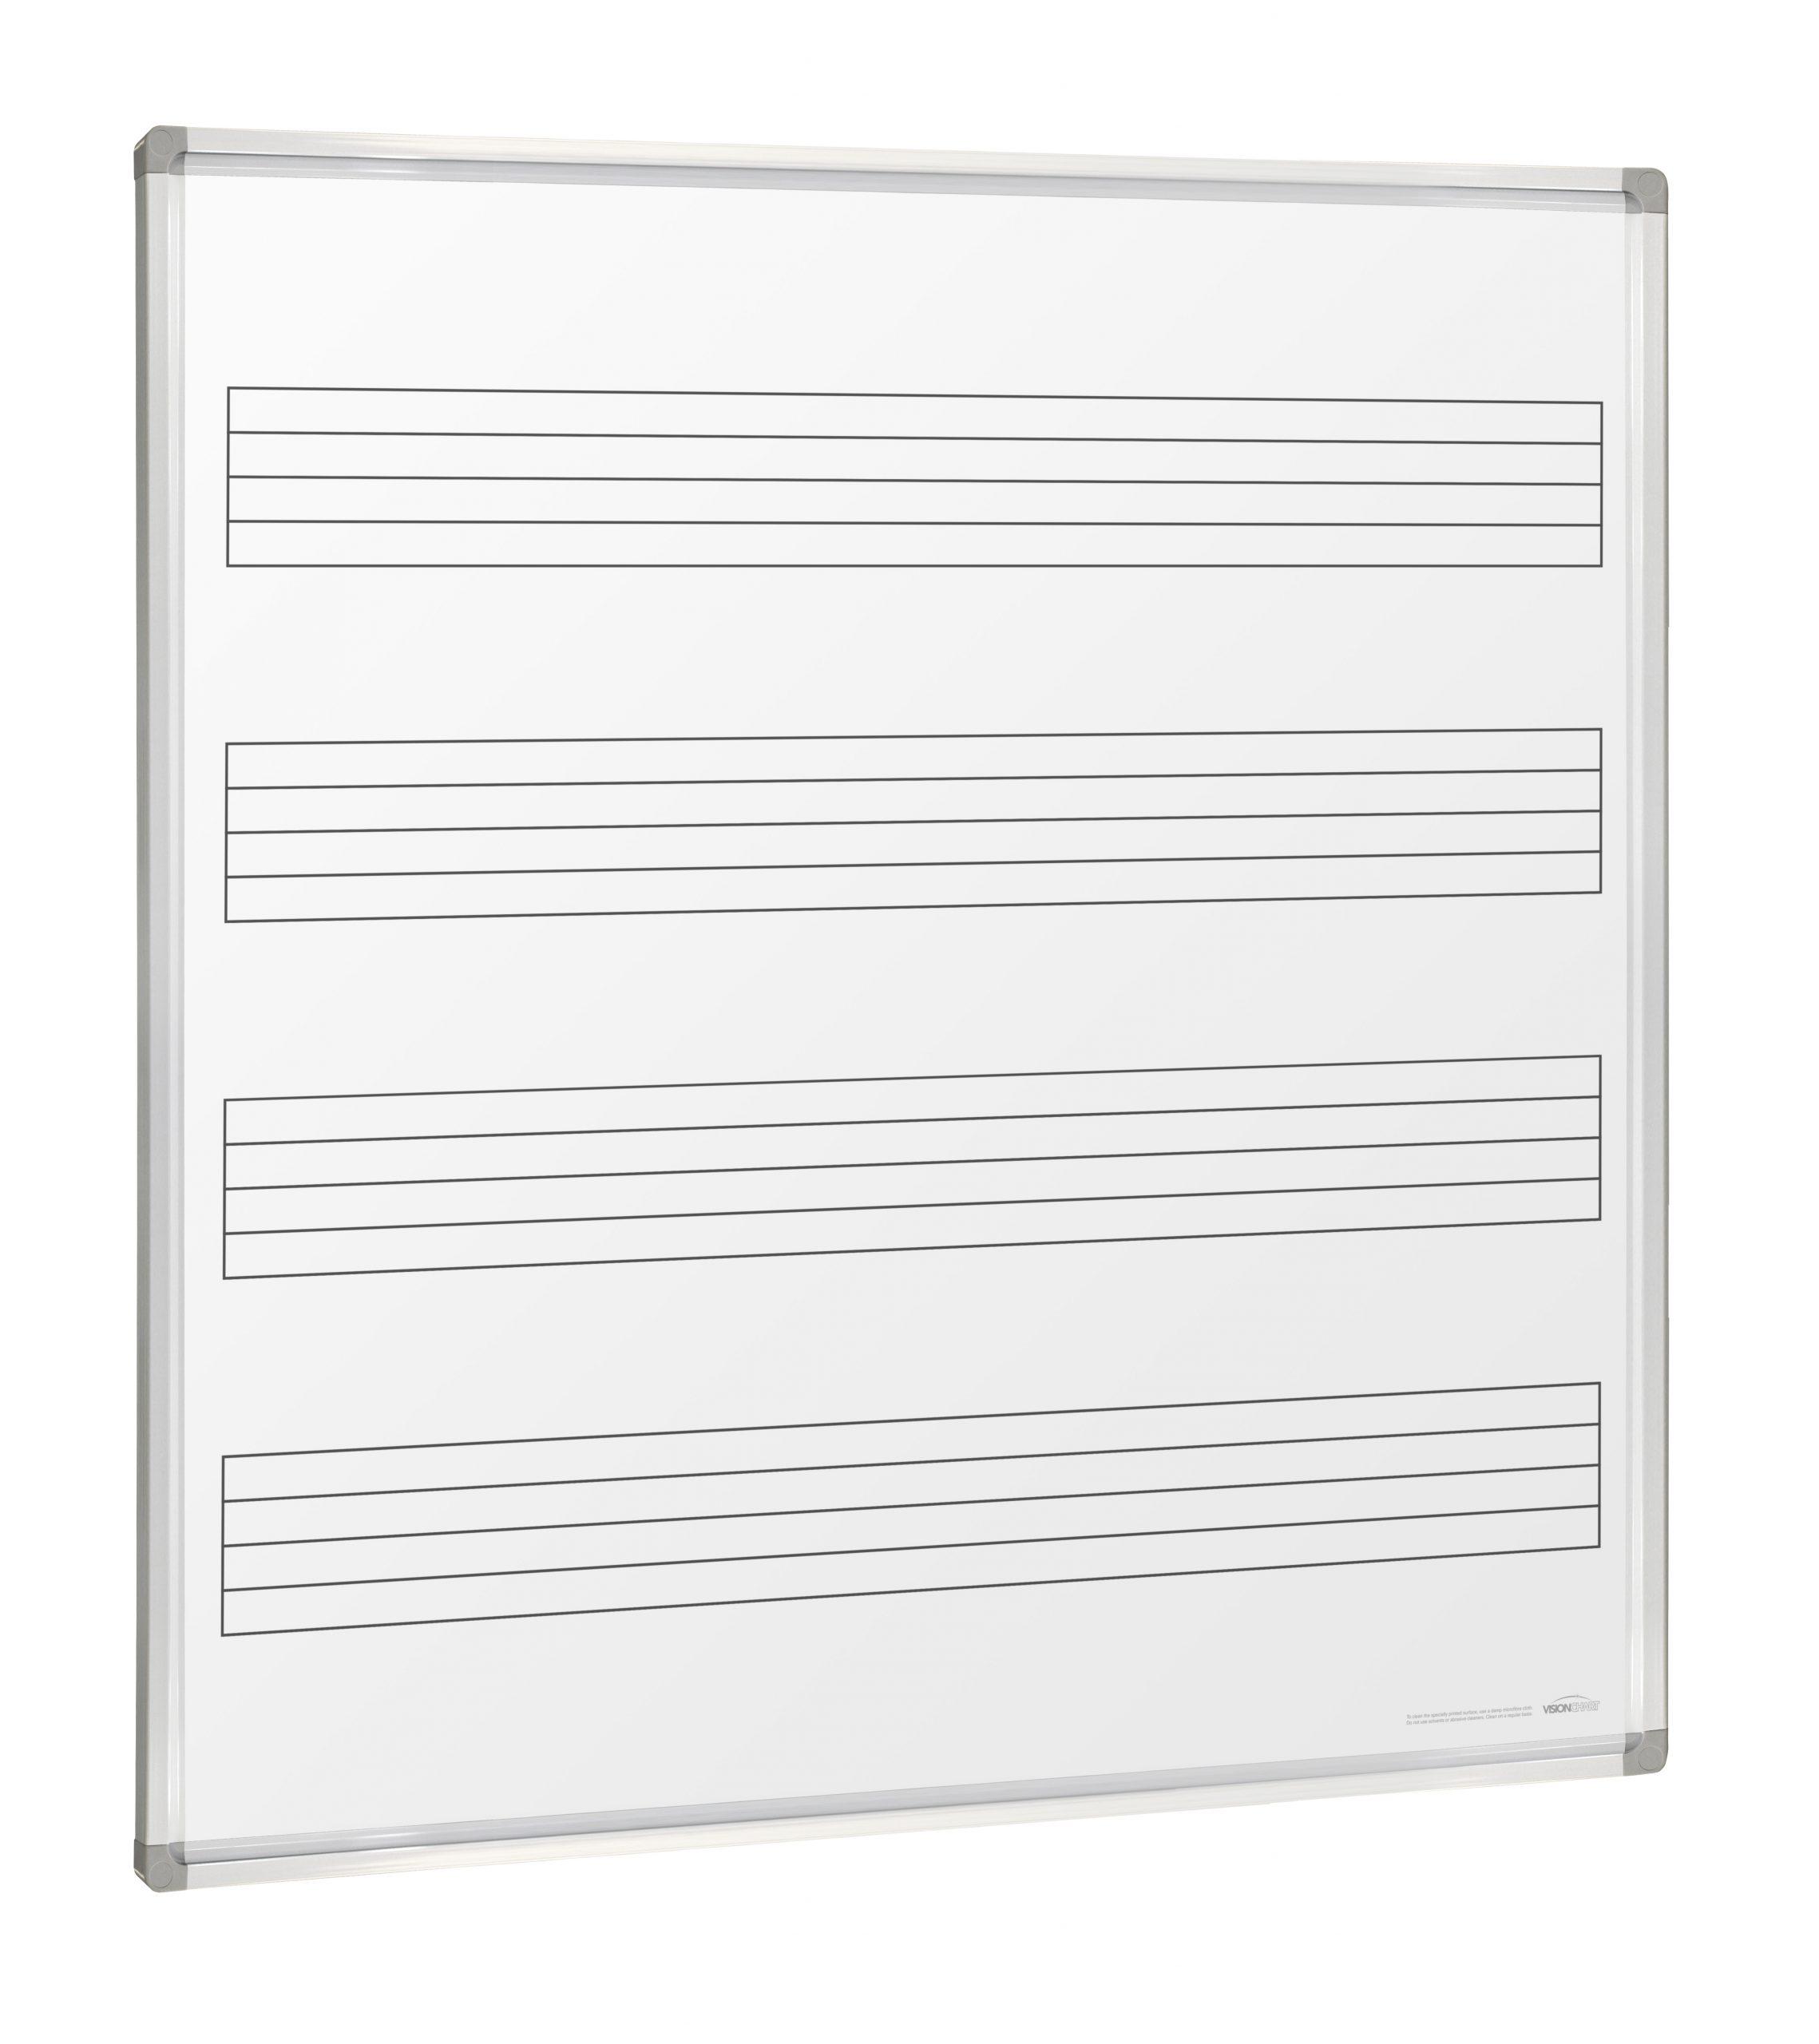 Music Whiteboard Wall Mounted